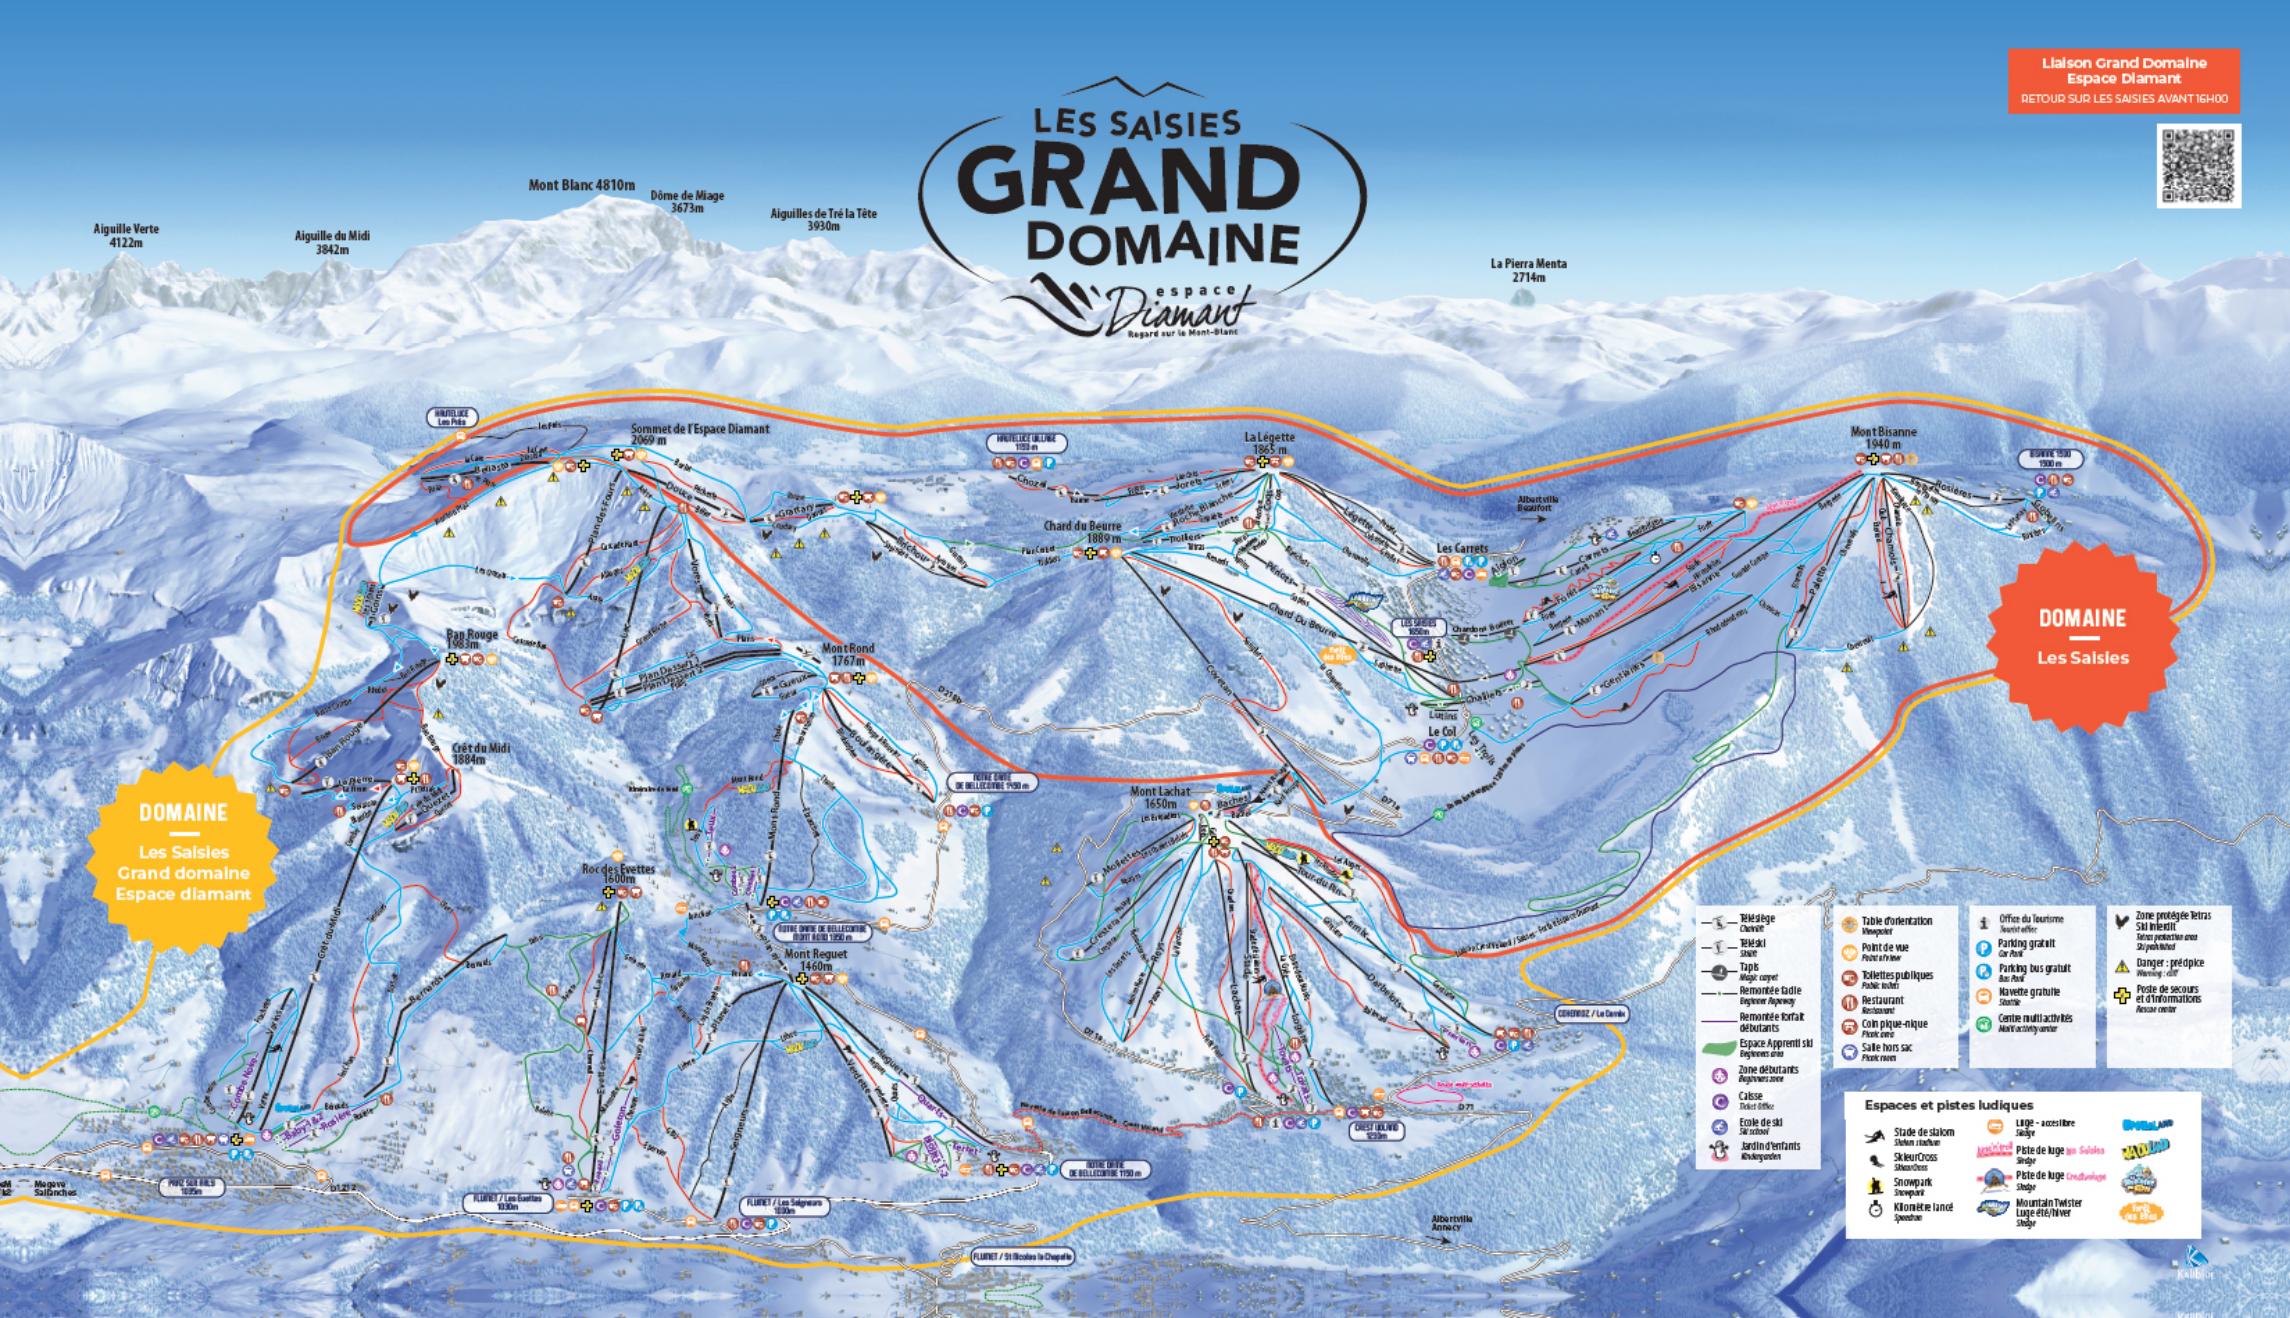 Les Saisies Piste Map Trail Map